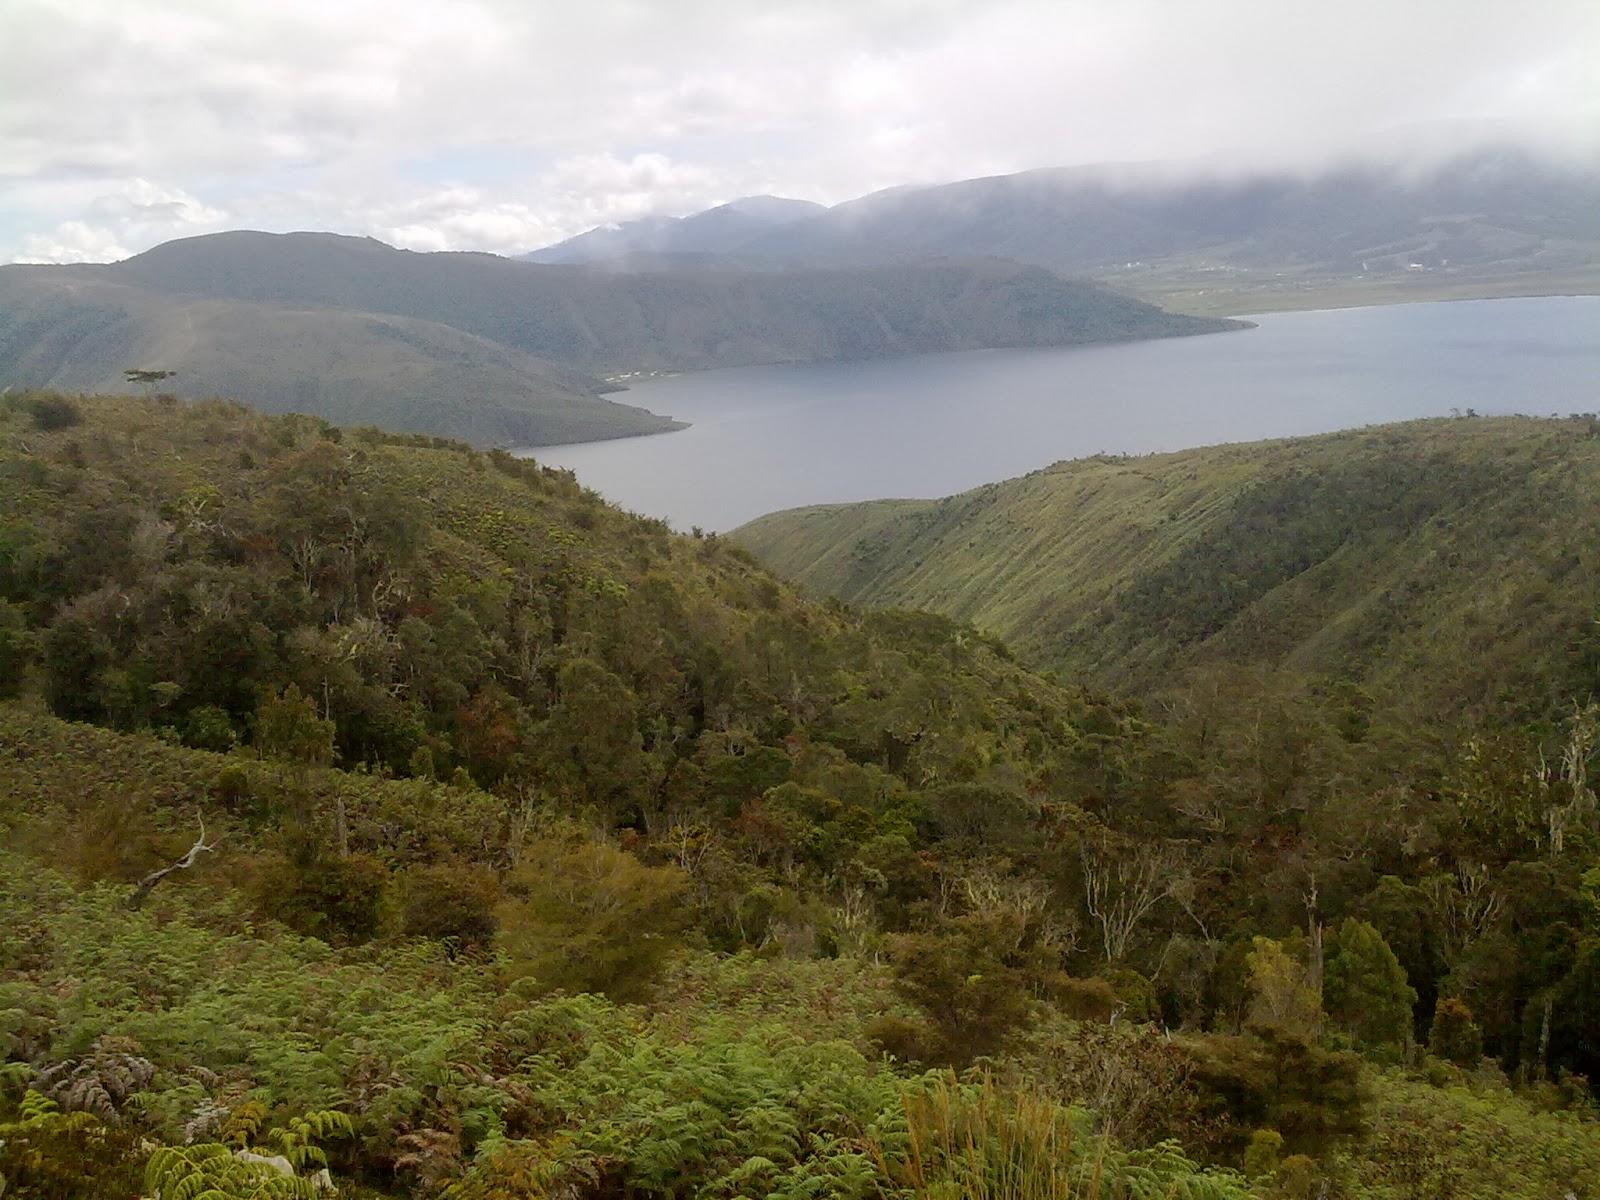 Blak Jopie Saiba Juli 2013 Cagar Alam Kabupaten Pegunungan Arfak